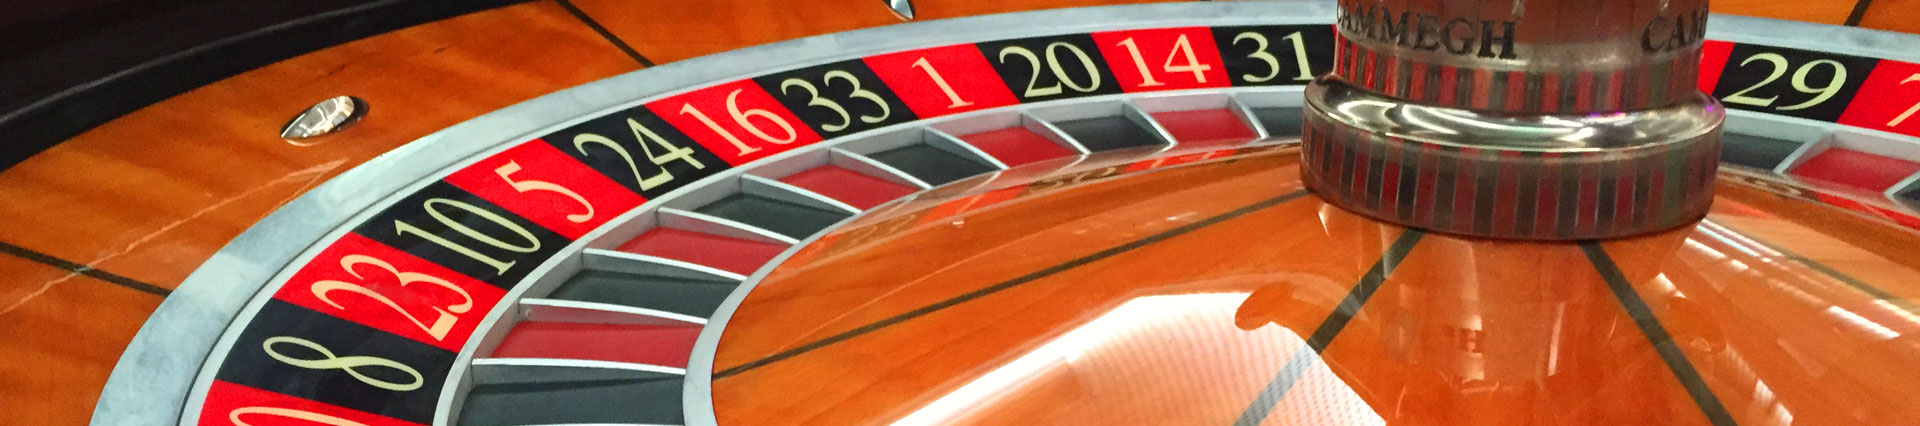 fun-casino-hire